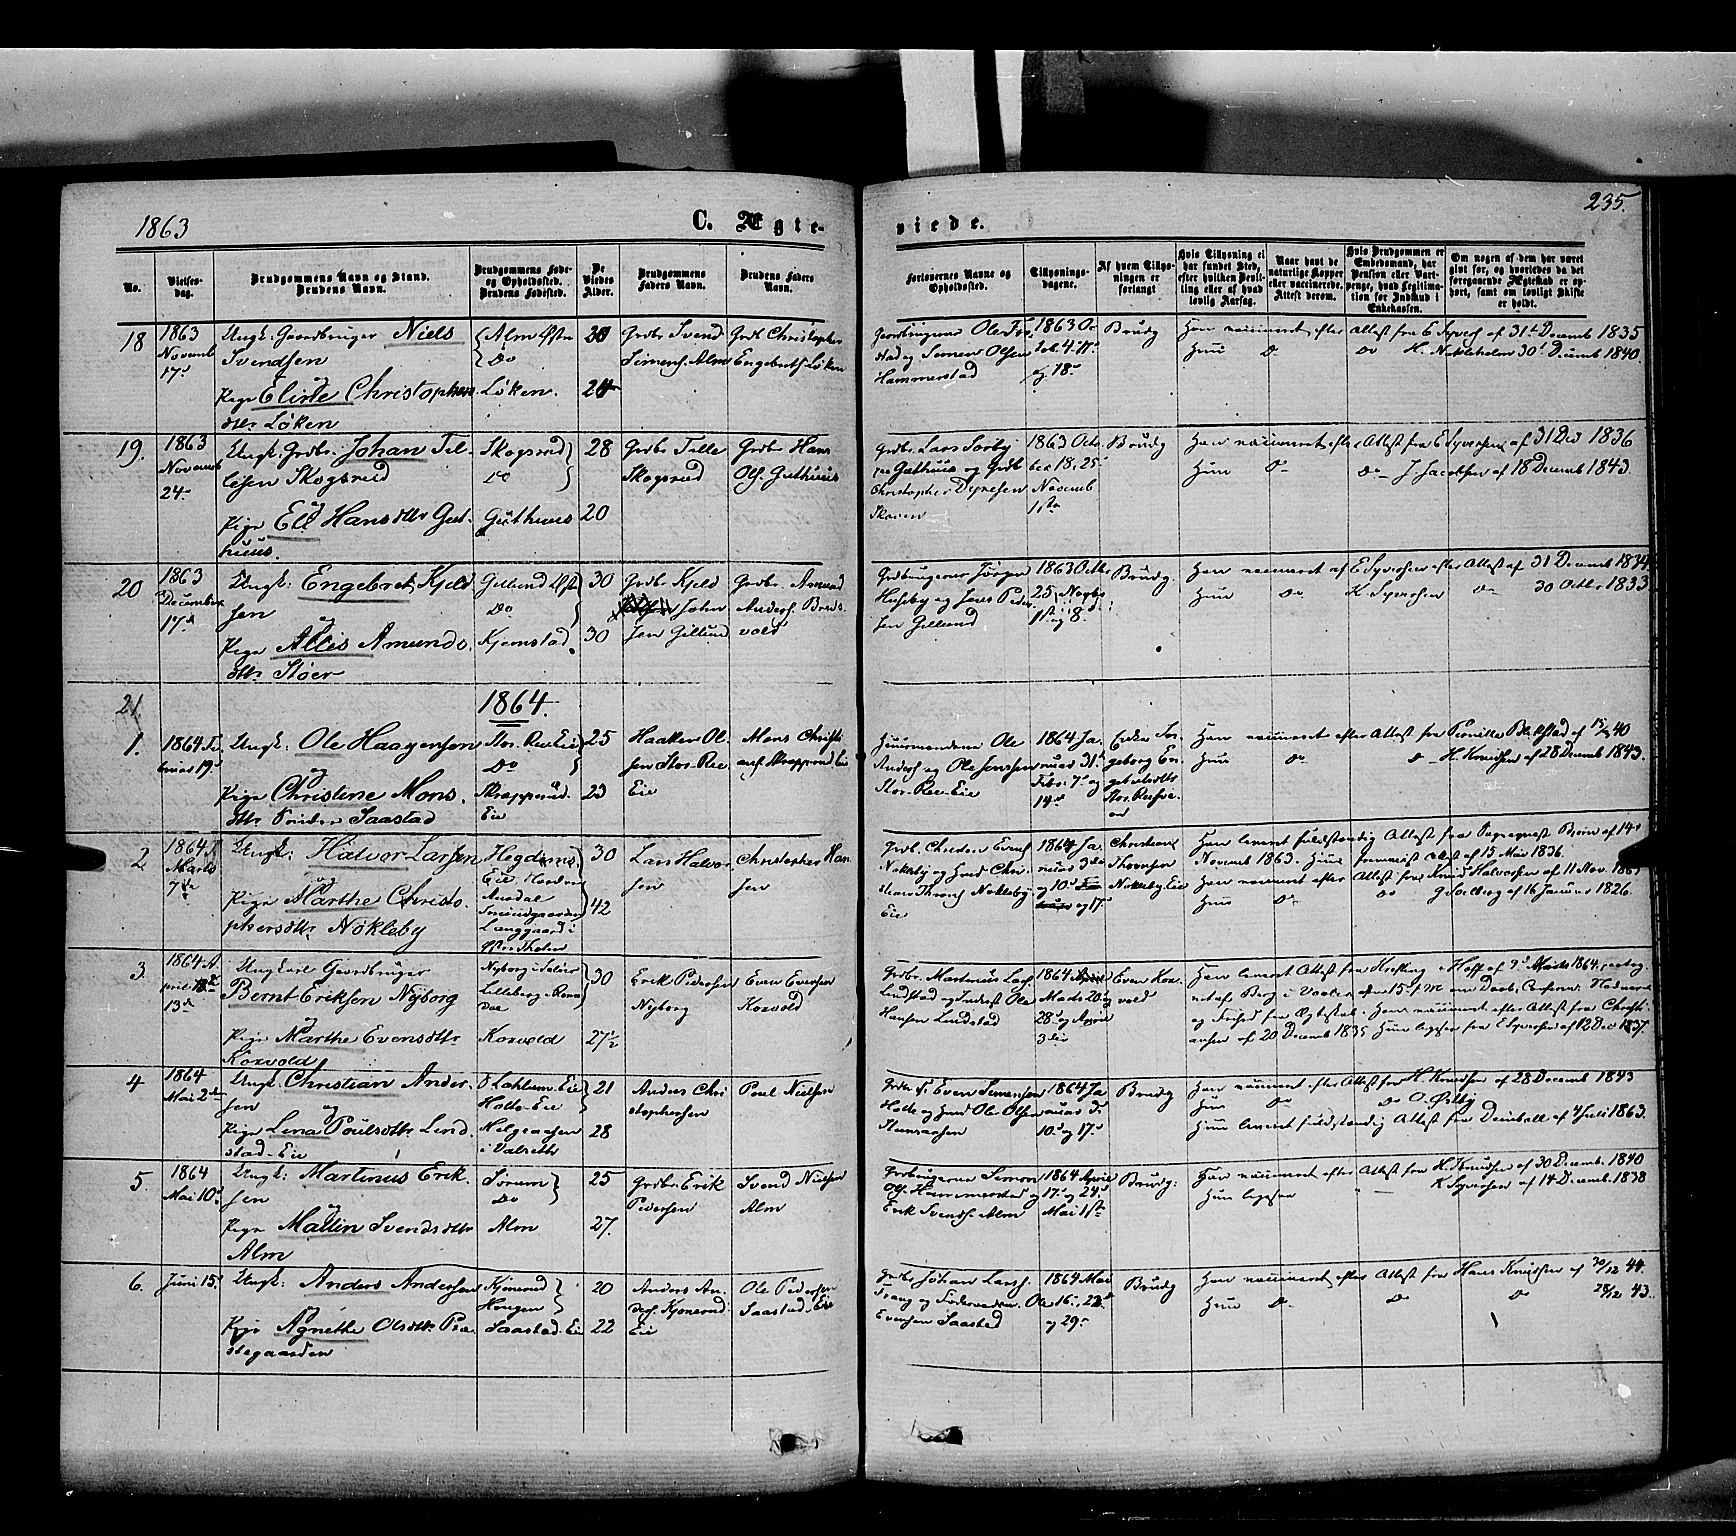 SAH, Stange prestekontor, K/L0013: Parish register (official) no. 13, 1862-1879, p. 235